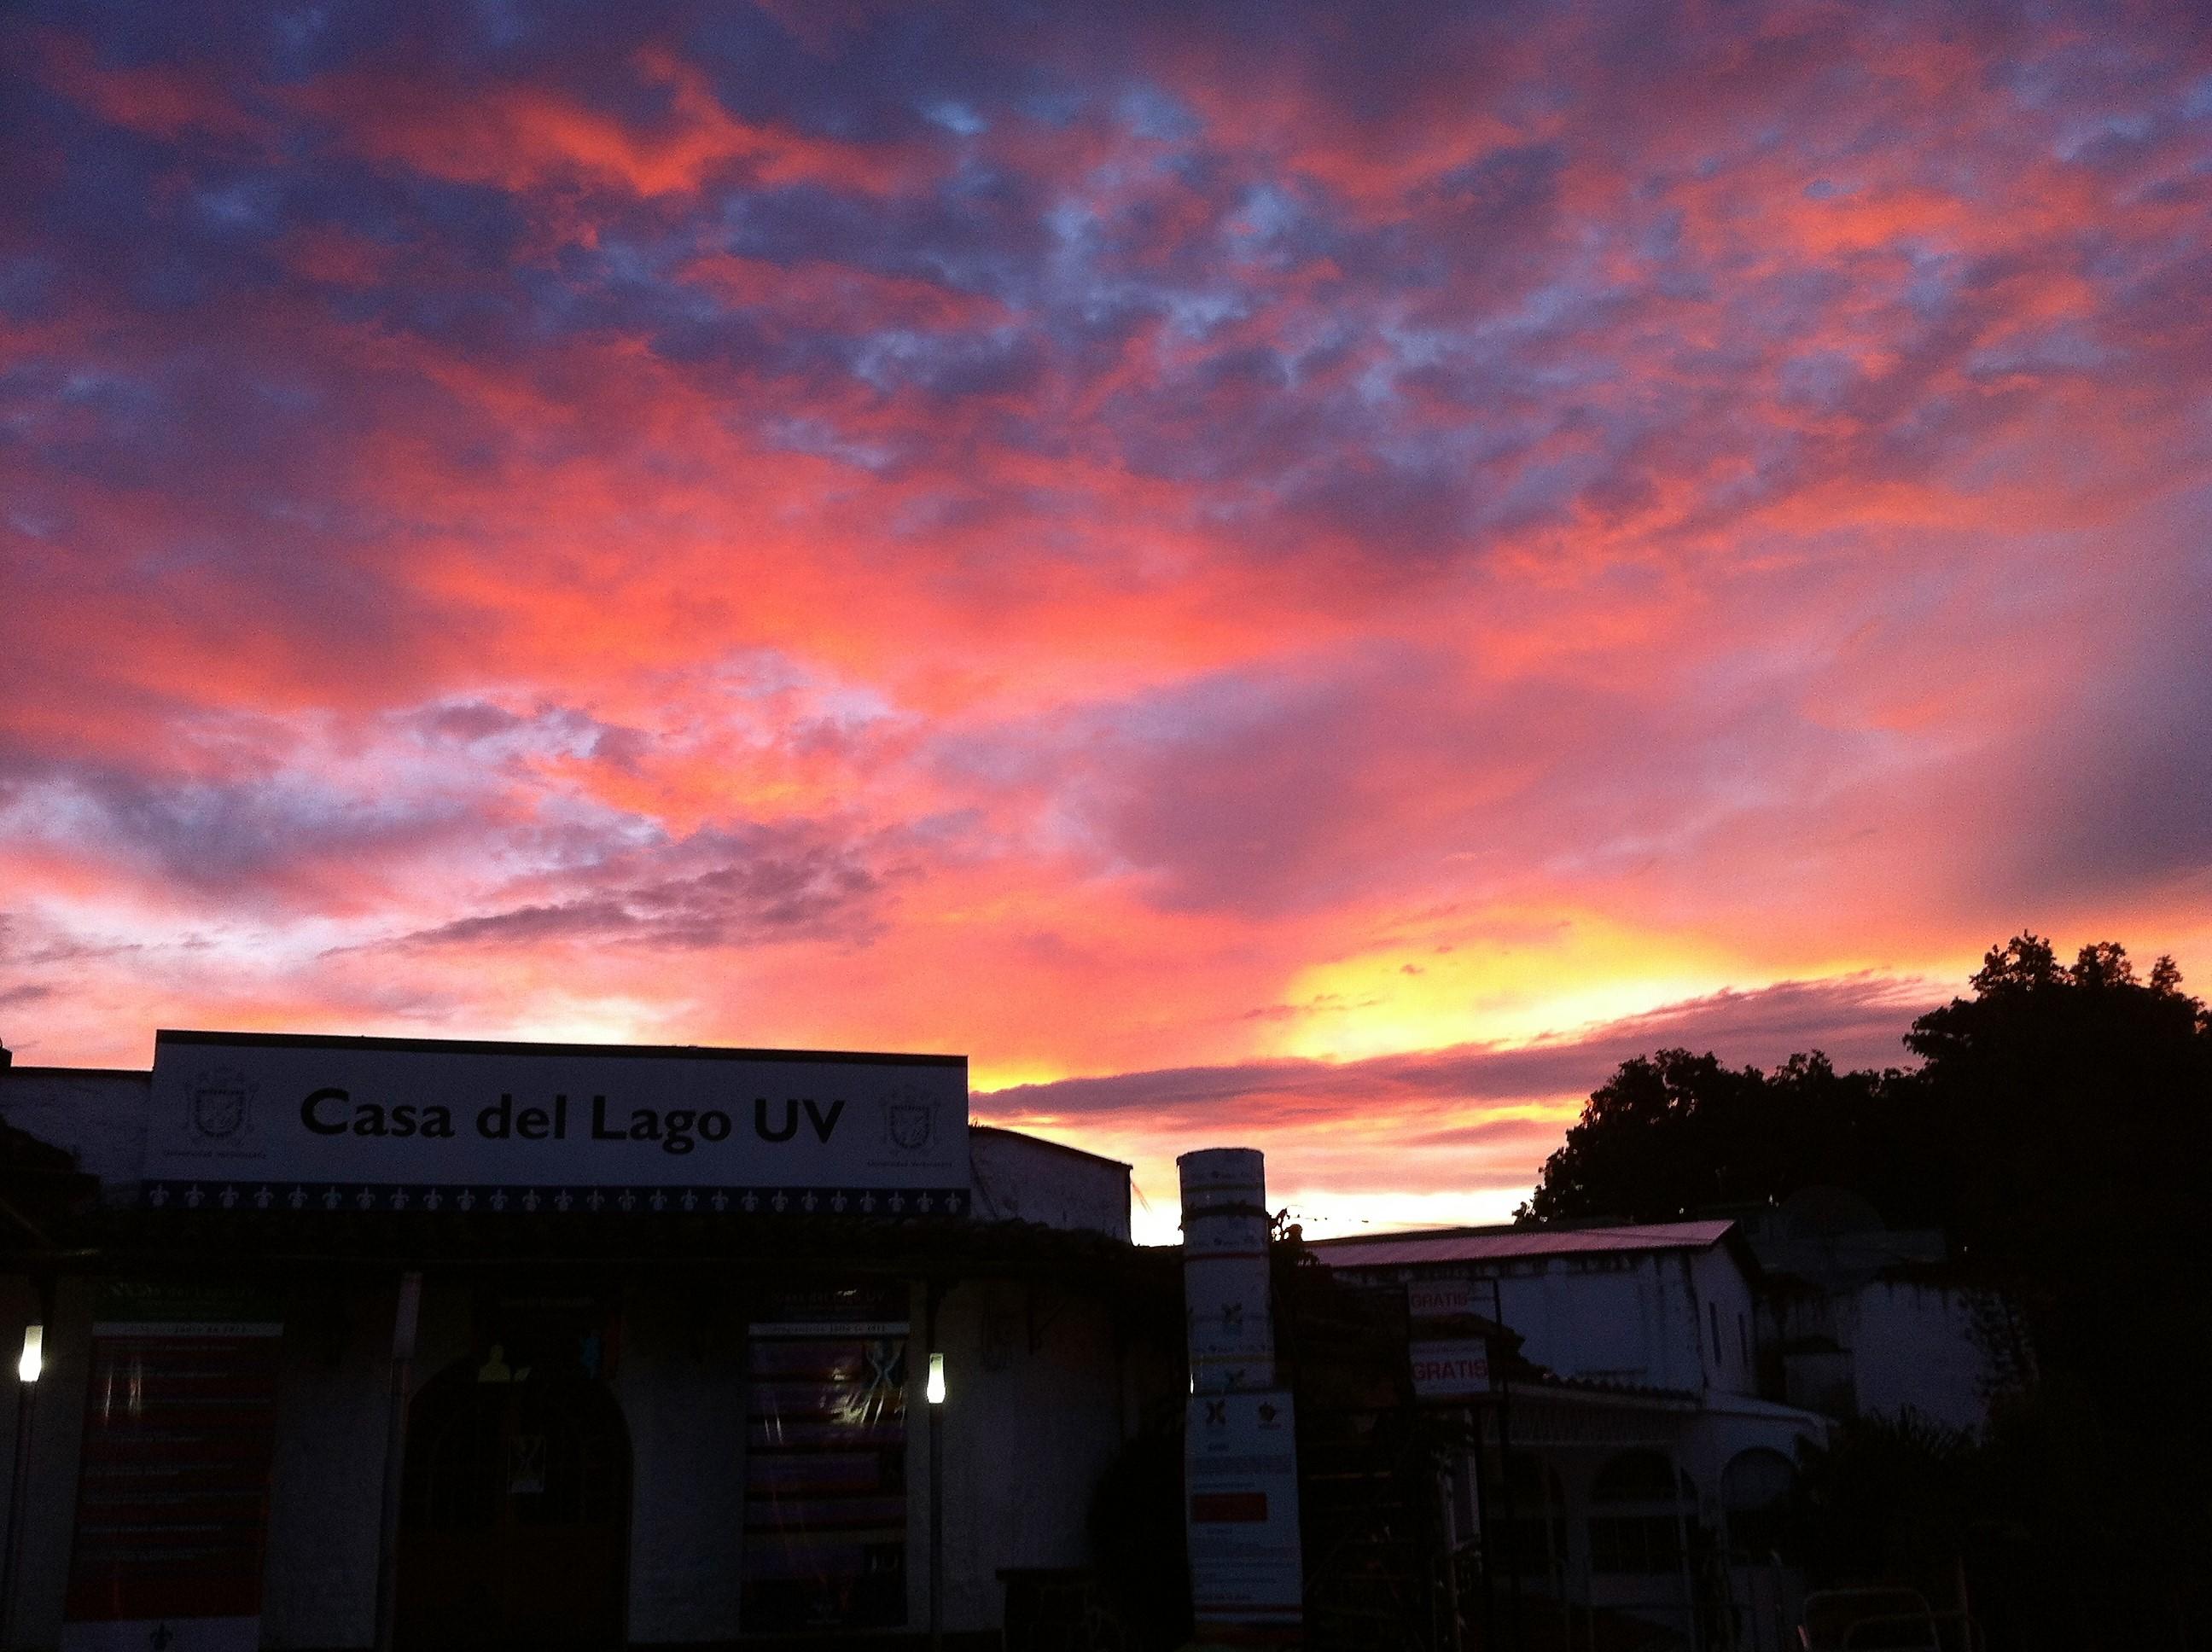 Casa del Lago UV, Xalapa